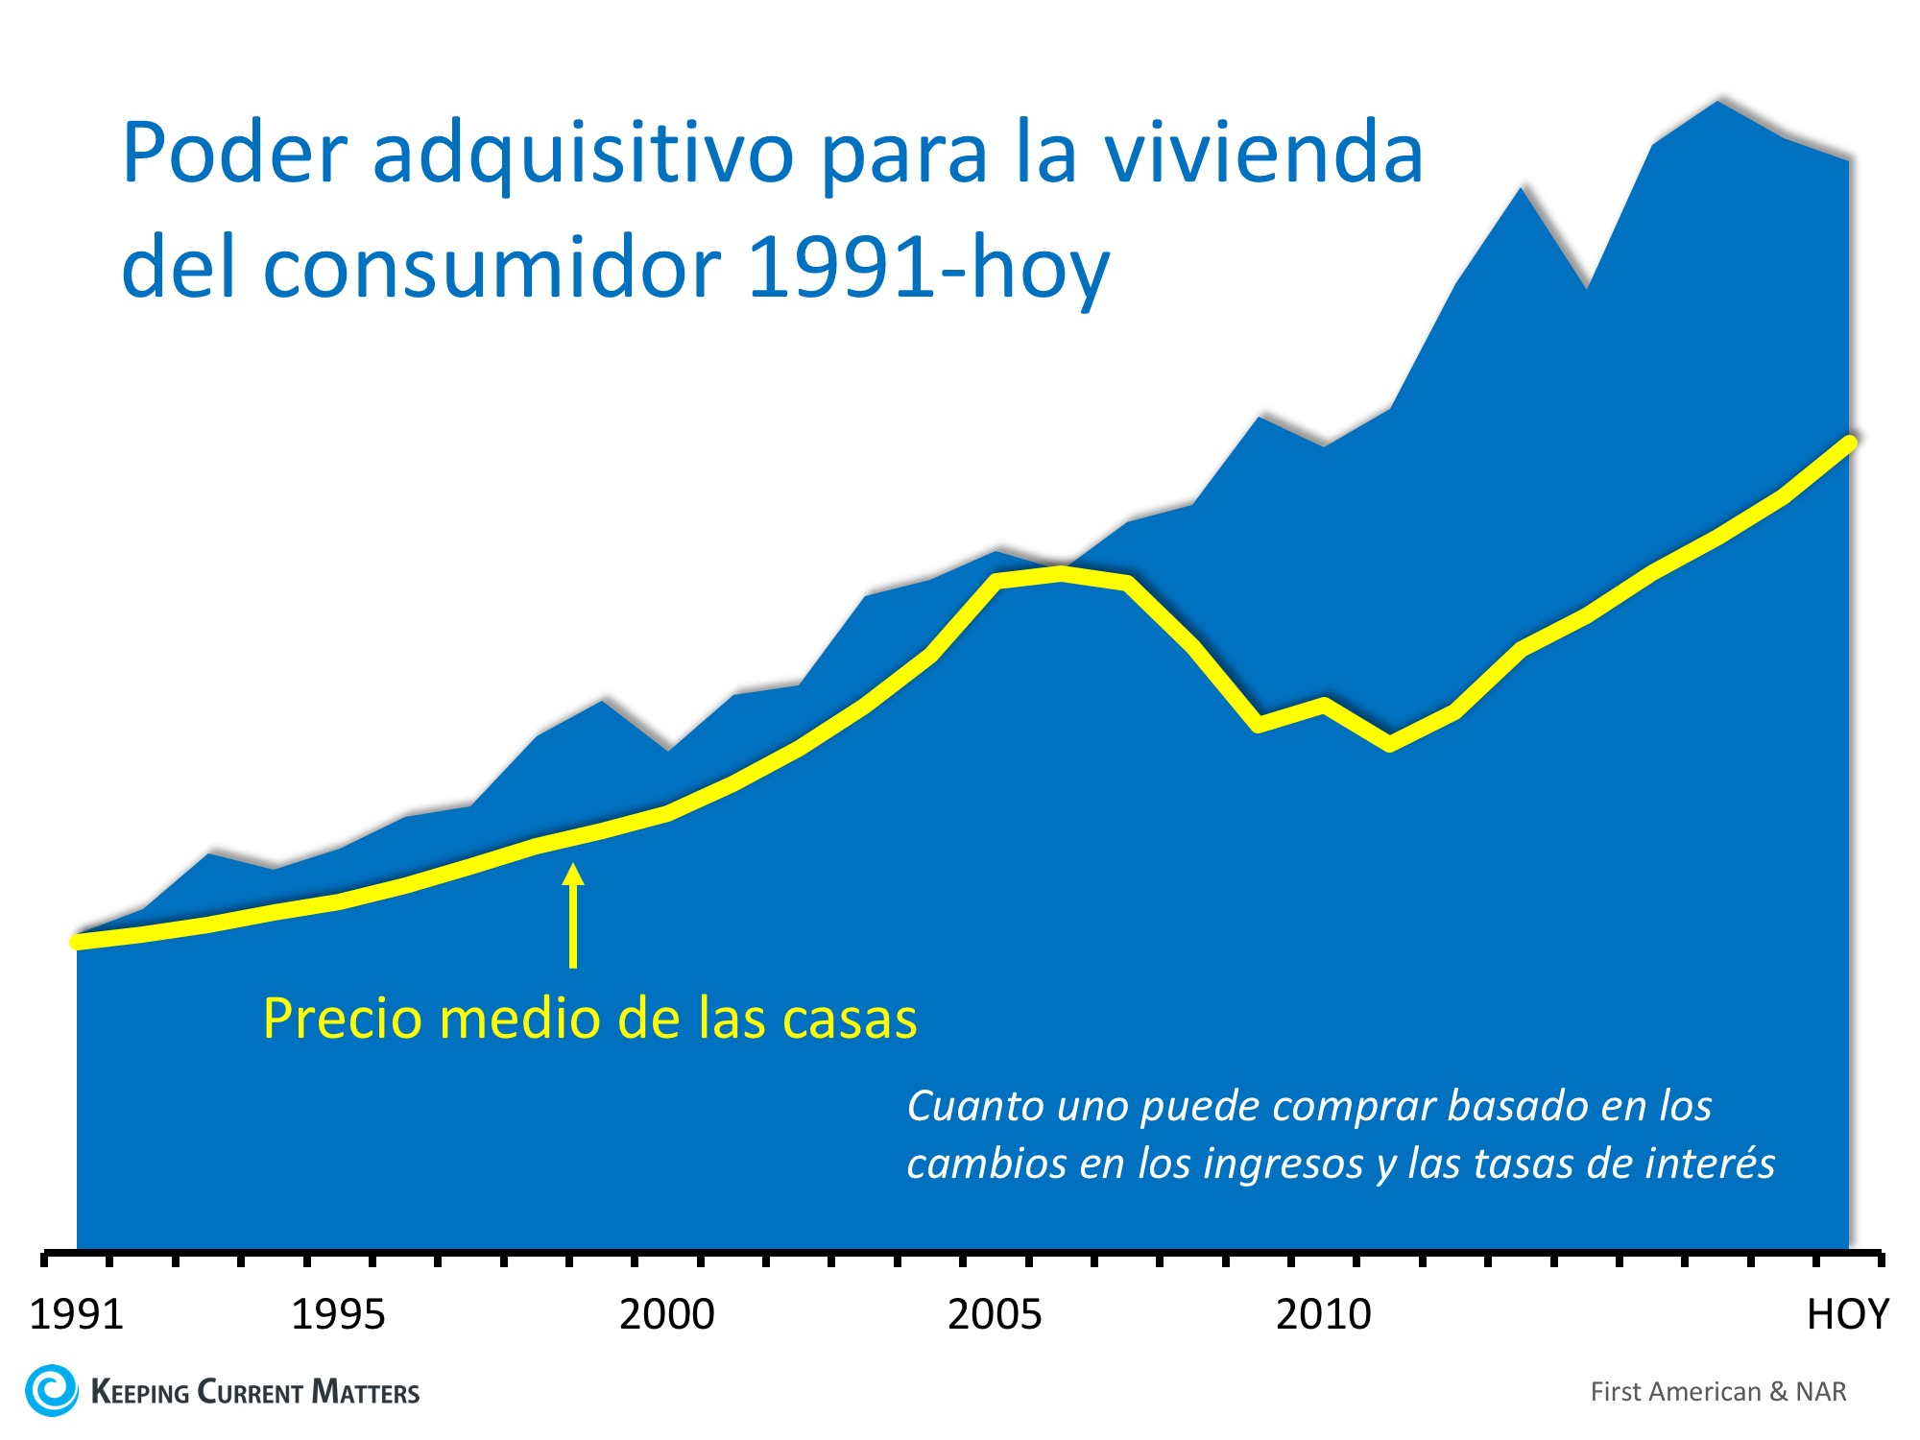 El poder adquisitivo para la vivienda a niveles casi históricos | Keeping Current Matters